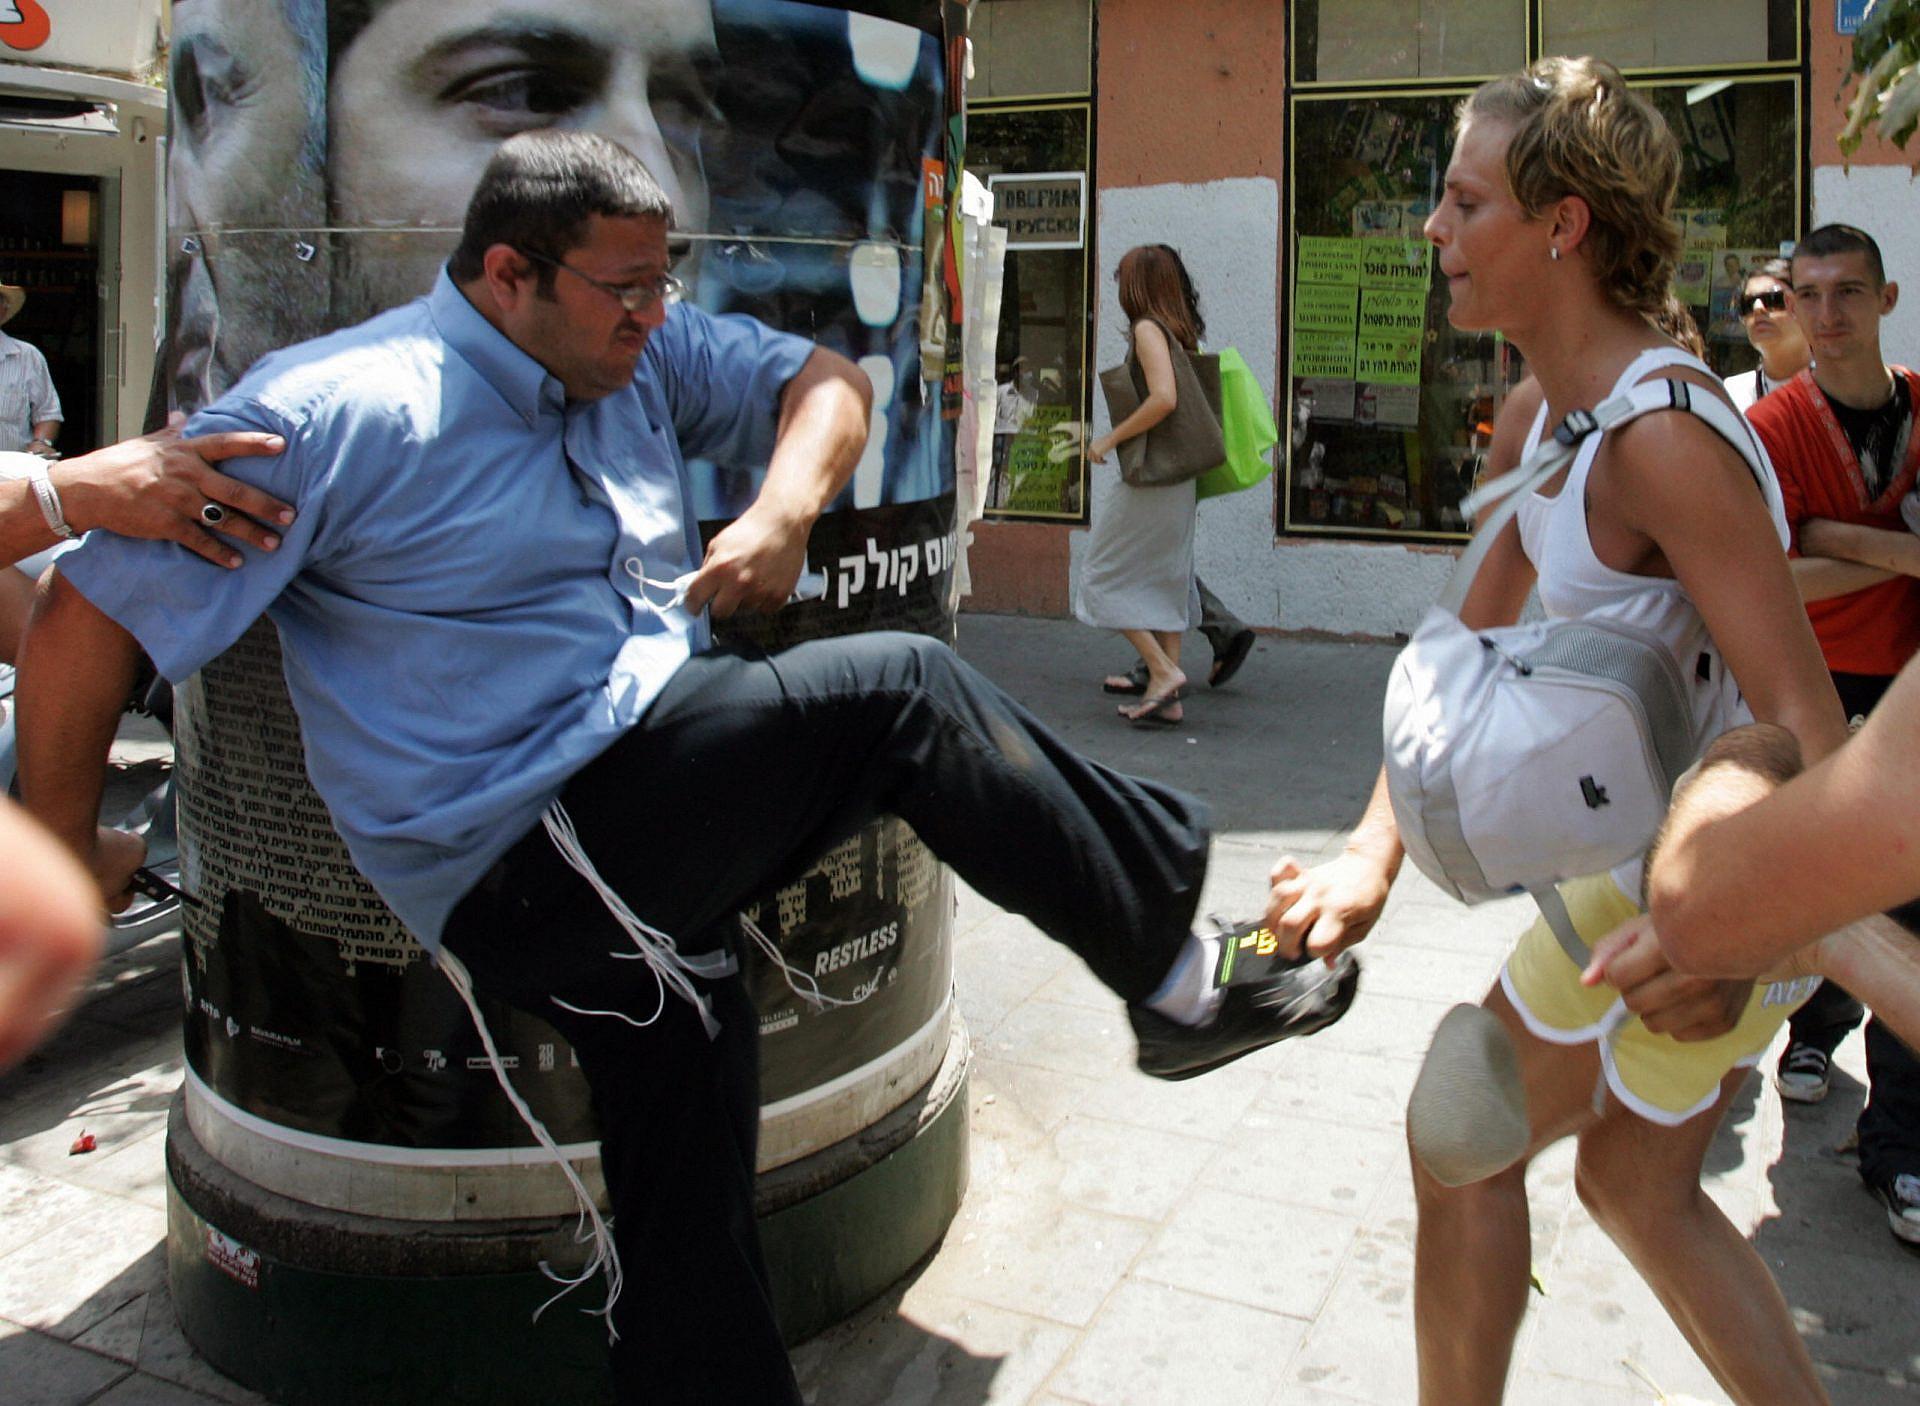 בואו לא נשכח מול מה אנחנו עומדים. איתמר בן גביר בועט בטרנסית, מצעד הגאווה 2008 בתל אביב (צילום: ג'ק גואז\גטי אימג'ס)